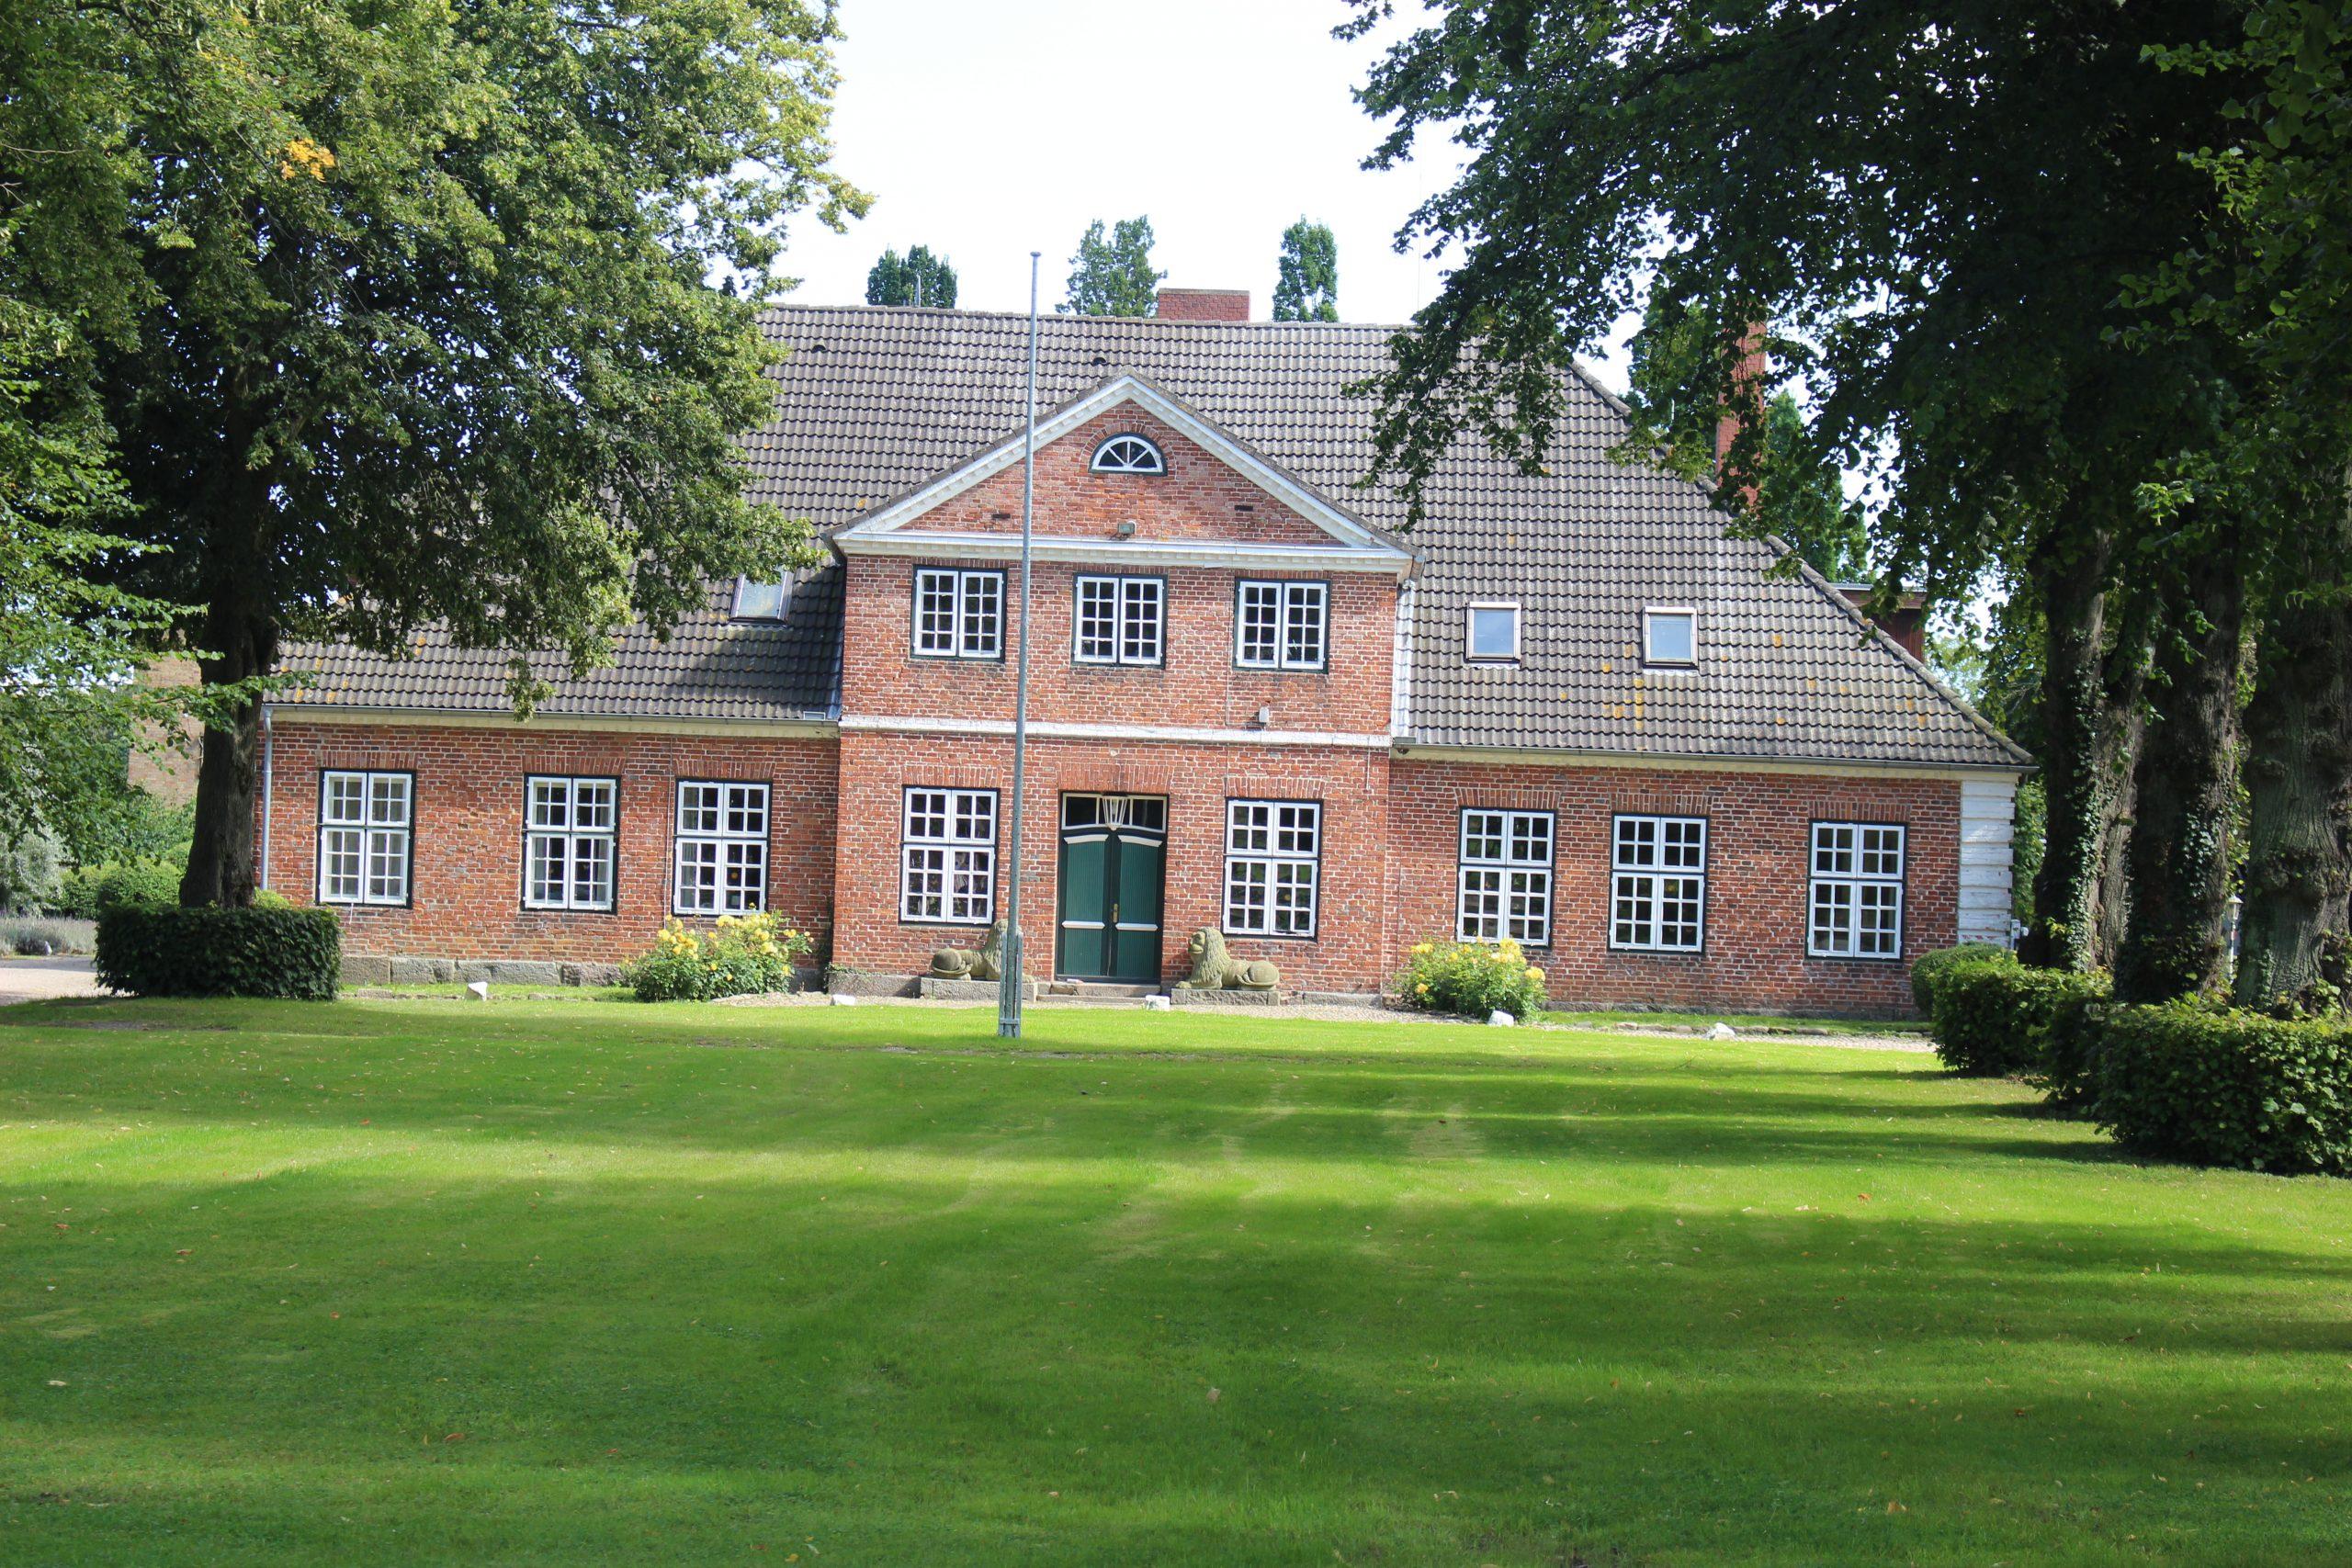 Gut Friederikenhof - grüne Spielfläche vor dem Gutshof